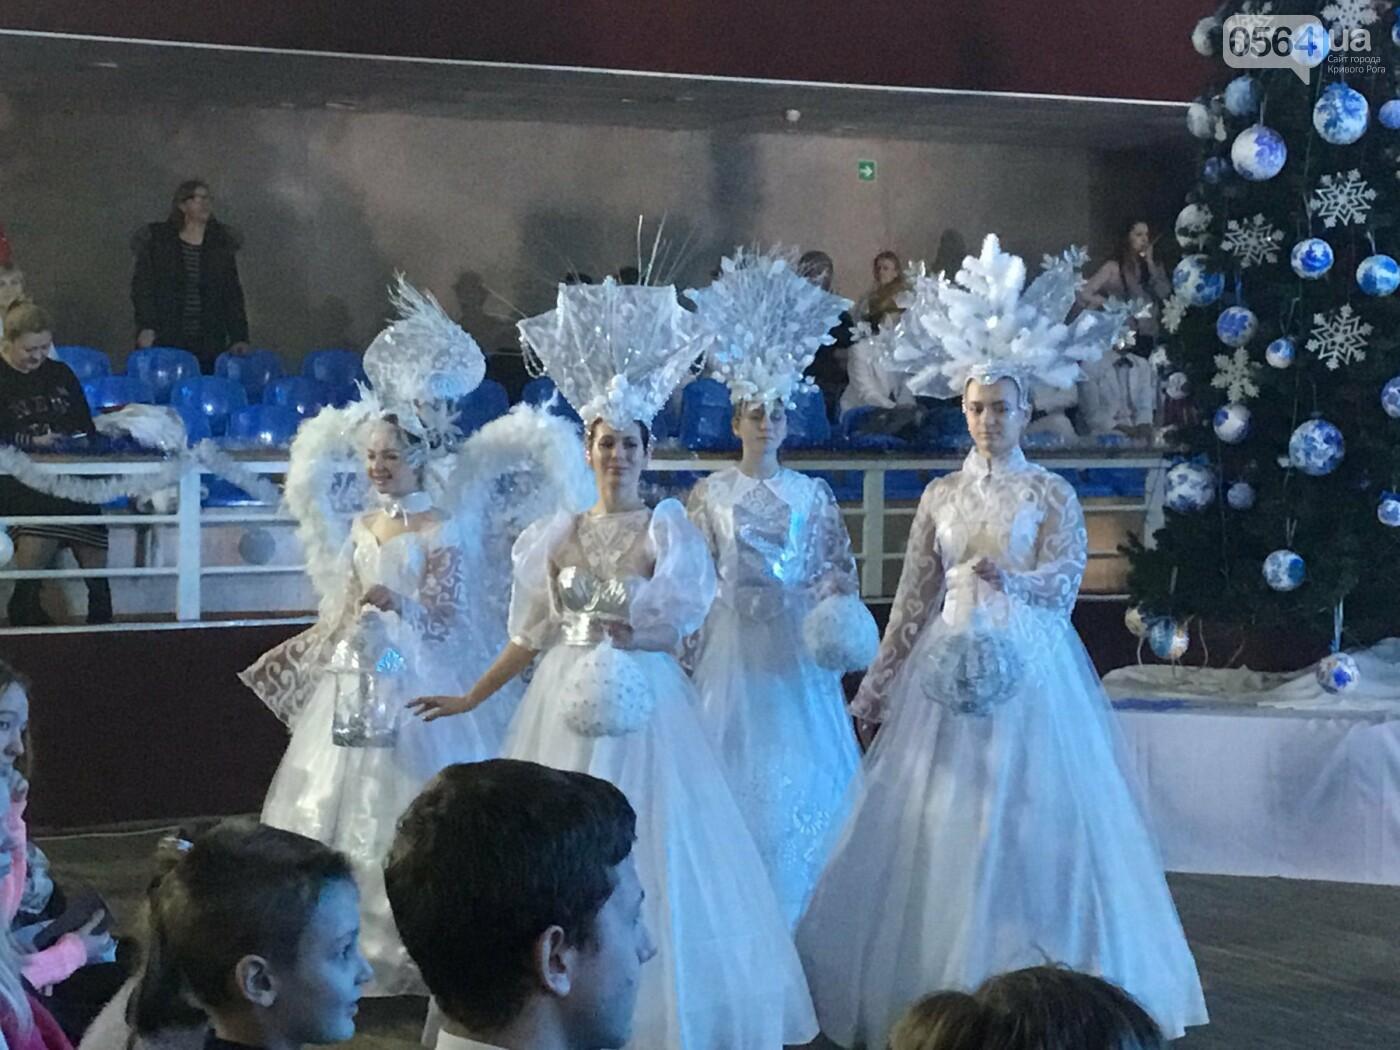 """В Кривом Роге на """"Главной елке"""" поздравили более 1,5 тысячи юных криворожан, - ФОТО, ВИДЕО, фото-15"""